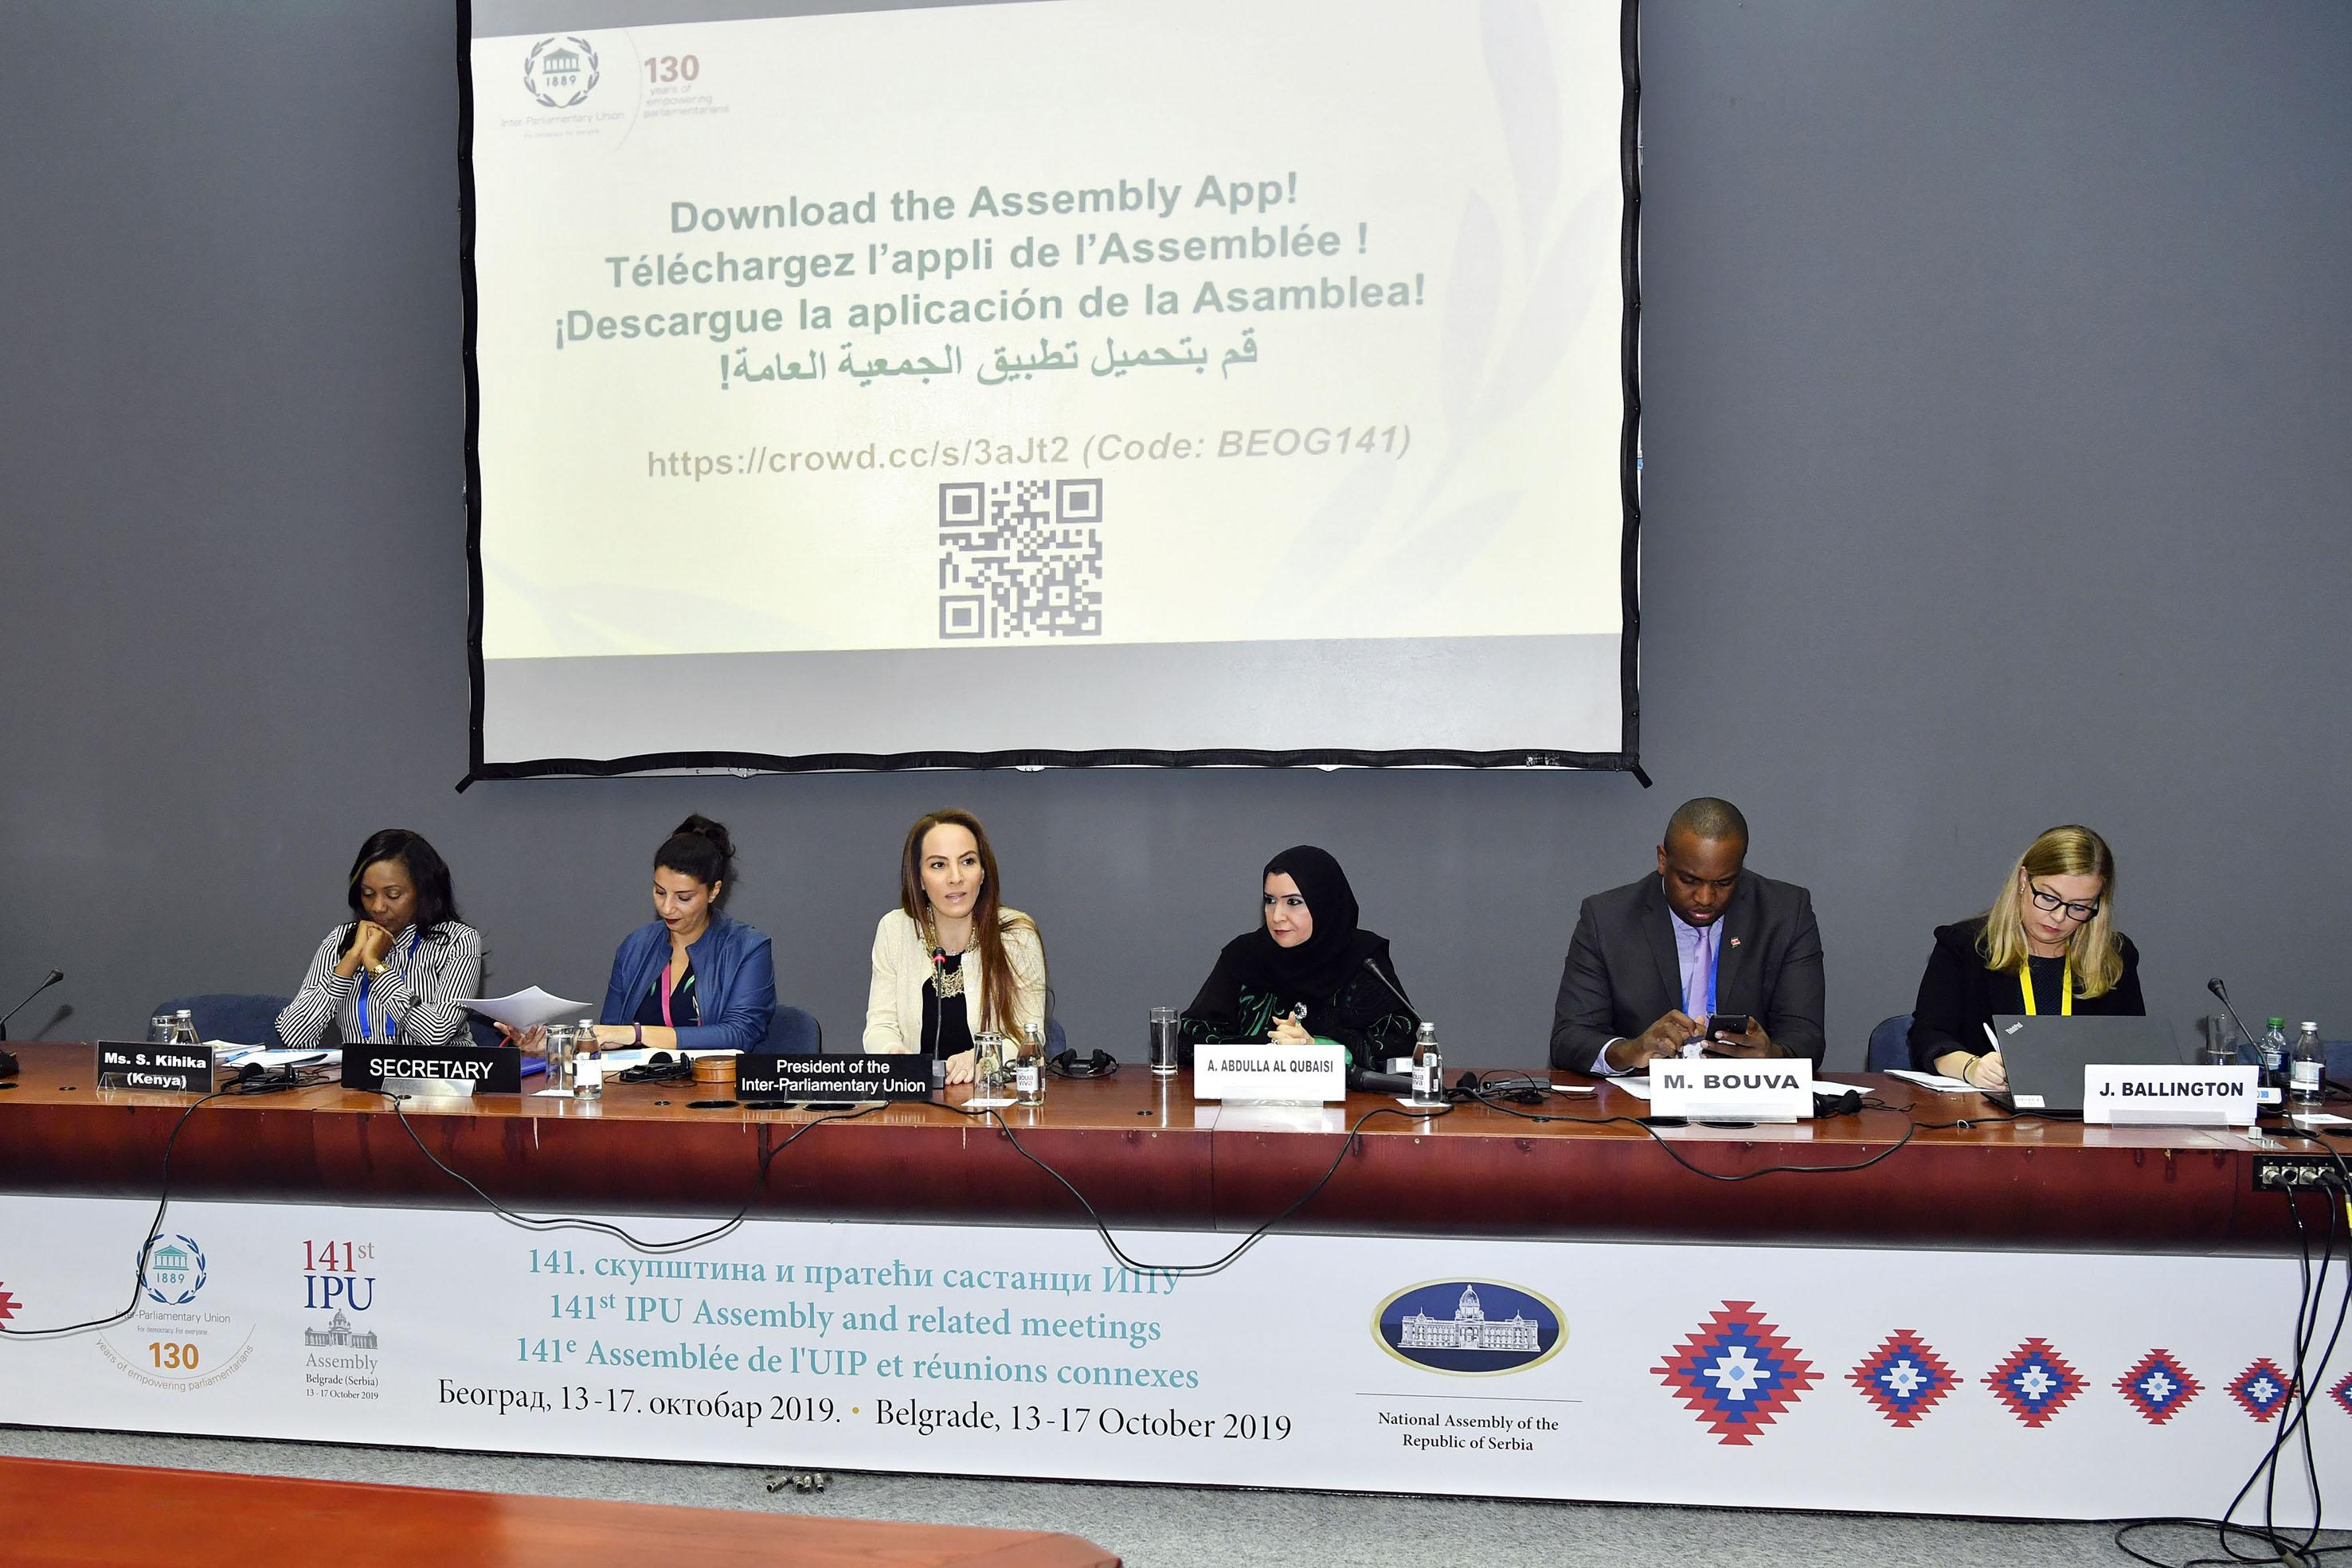 أمل القبيسي تستعرض جهود الدولة في مجال تمكين المرأة والشباب أمام الاتحاد البرلماني الدولي